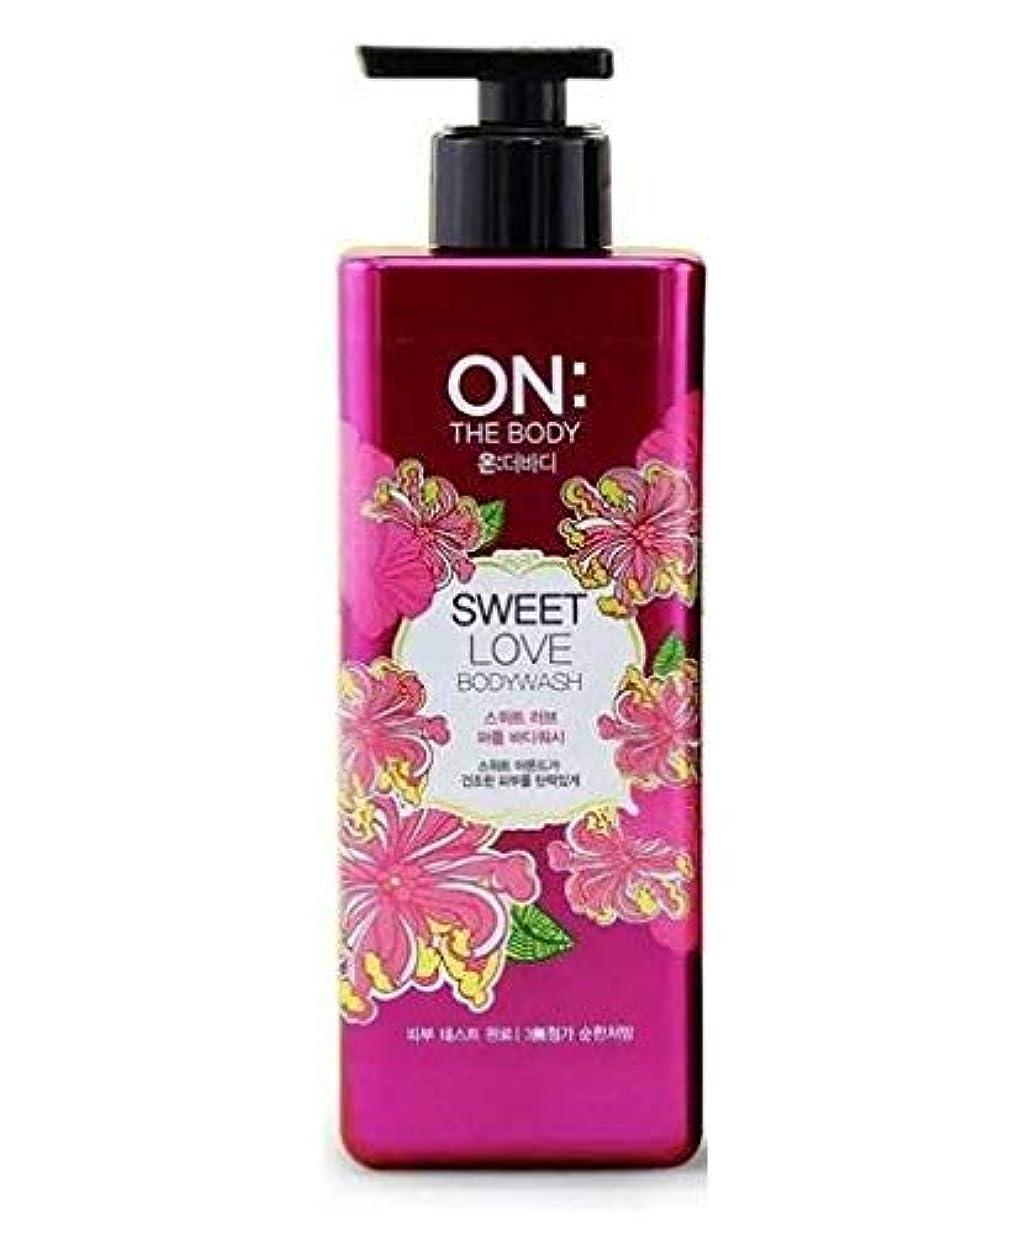 鉄道官僚良いON THE BODY Sweet Love Body Wash 500g/17.6oz